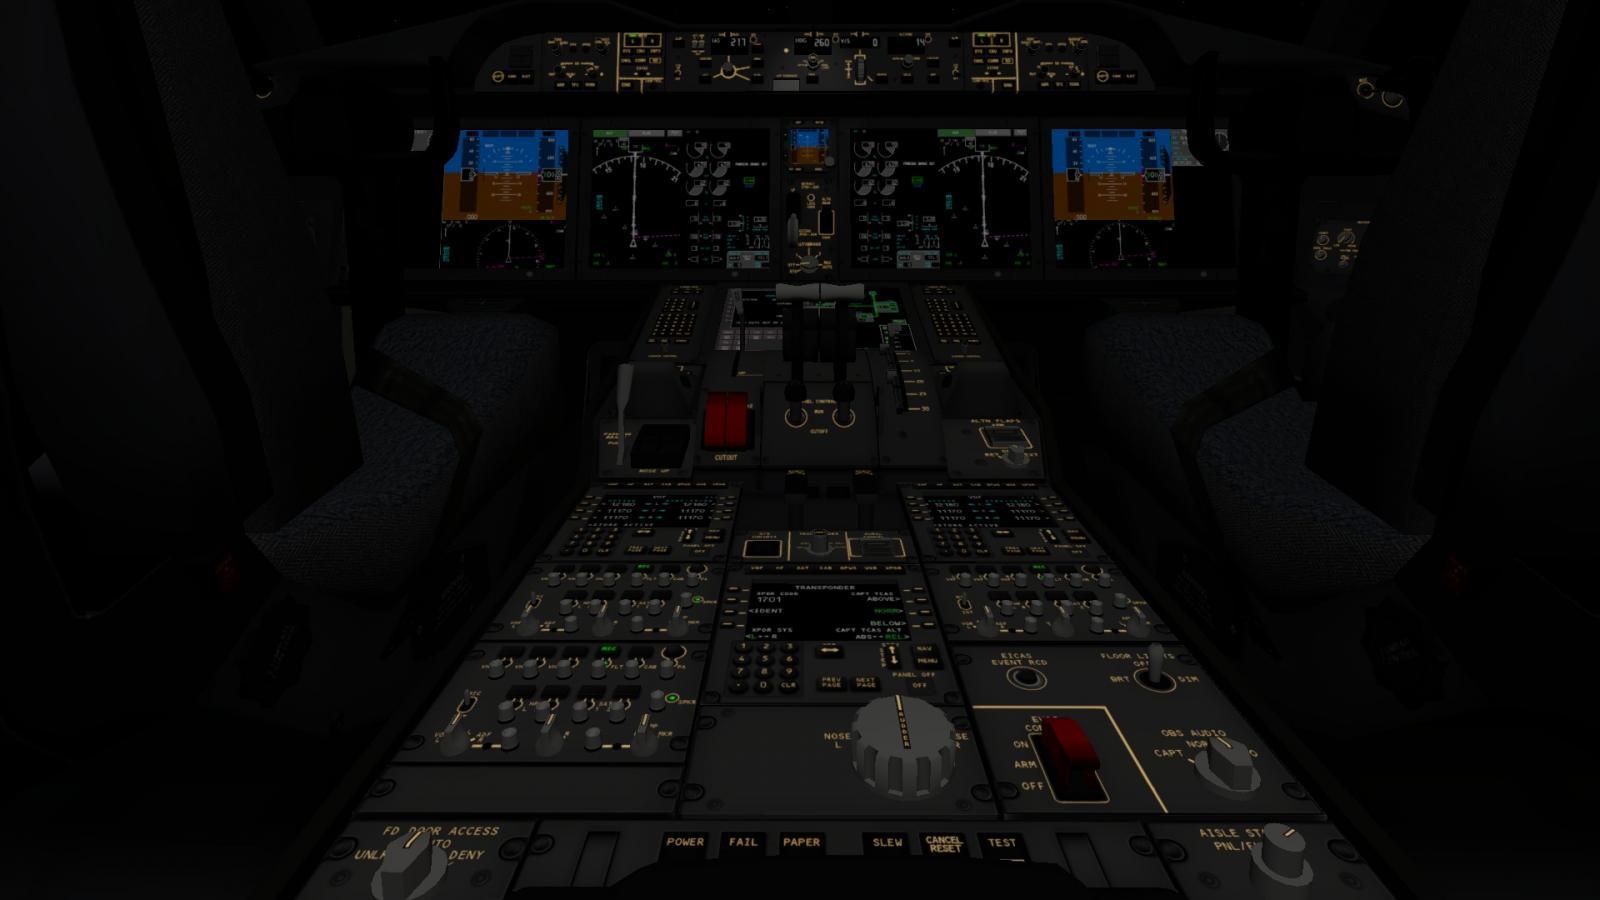 Magknight 787-9 Development thread - Page 14 - Magknight - X-Plane